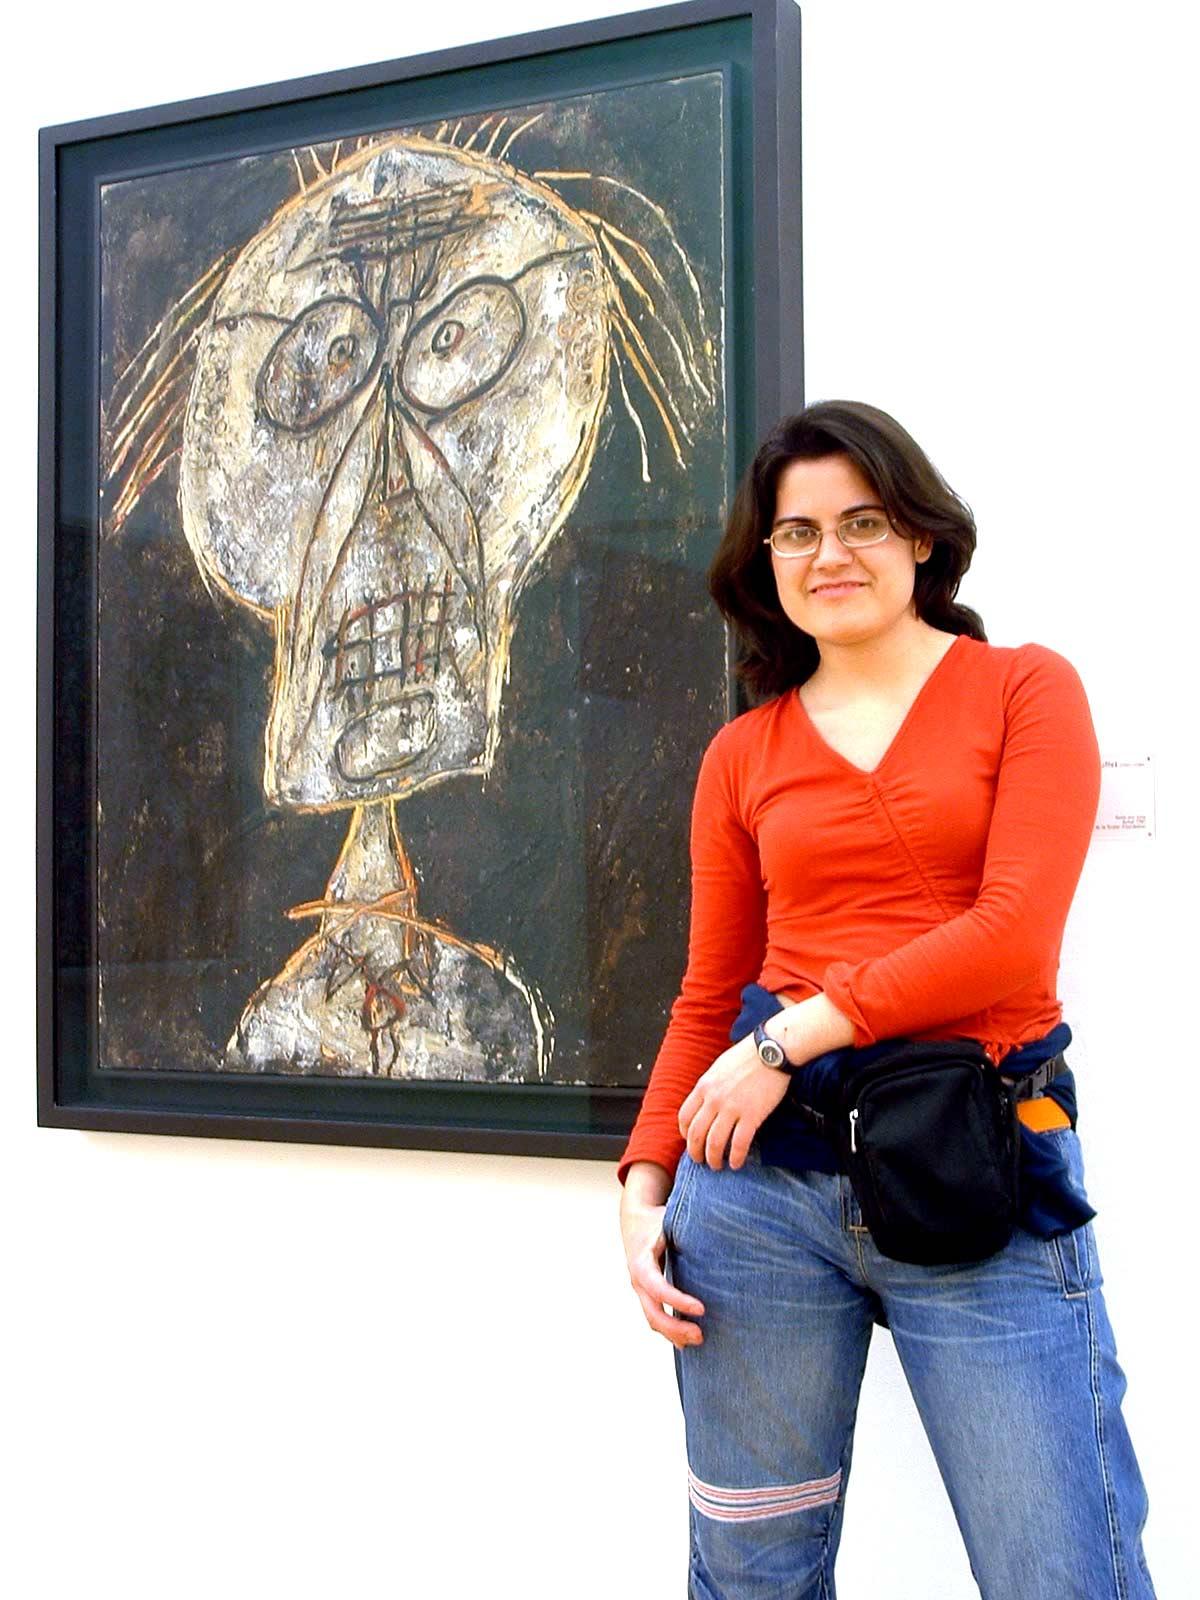 Museo Pompidou Dubuffet